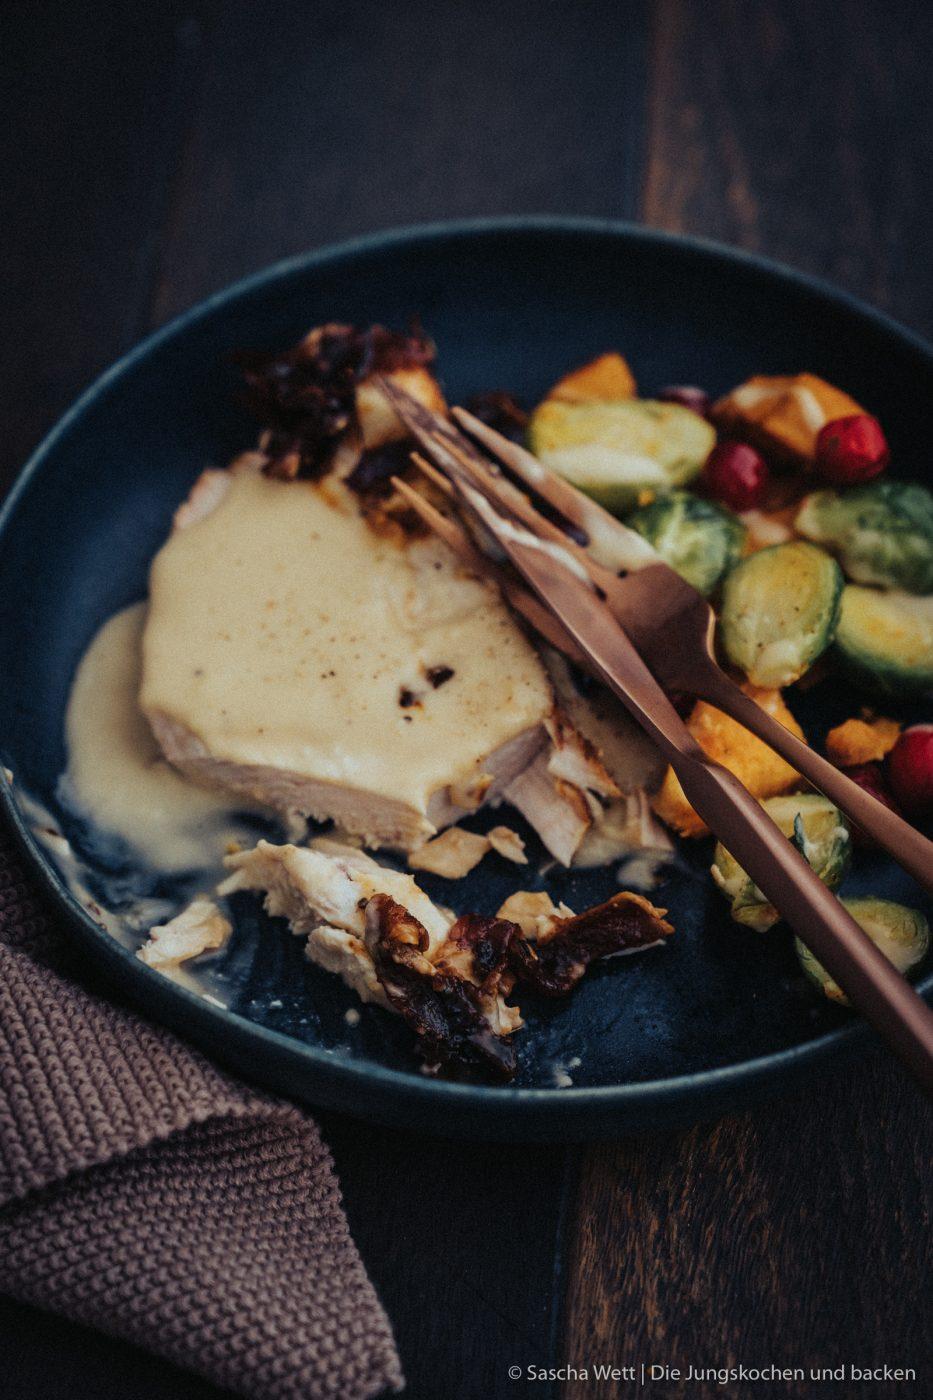 Magic Dust Turkey WeLoveGefl%C3%BCgel 8 | Heute steht unser Rezept ganz im Zeichen des Truthahns, denn wir beenden heute eine ganz fantastische Blog-Parade! Gemeinsam mit We Love Geflügel haben wir liebe Bloggerfreunde nach ihren liebsten Thanksgiving-Rezepten mit Truthahn gefragt. Dabei sind eine Menge genialer Gerichte entstanden, aber dazu später mehr. Heute ist es dann soweit und pünktlich zu Thanksgiving haben wir hier das Rezept für einen Magic Dust Turkey im Speckmantel für euch.